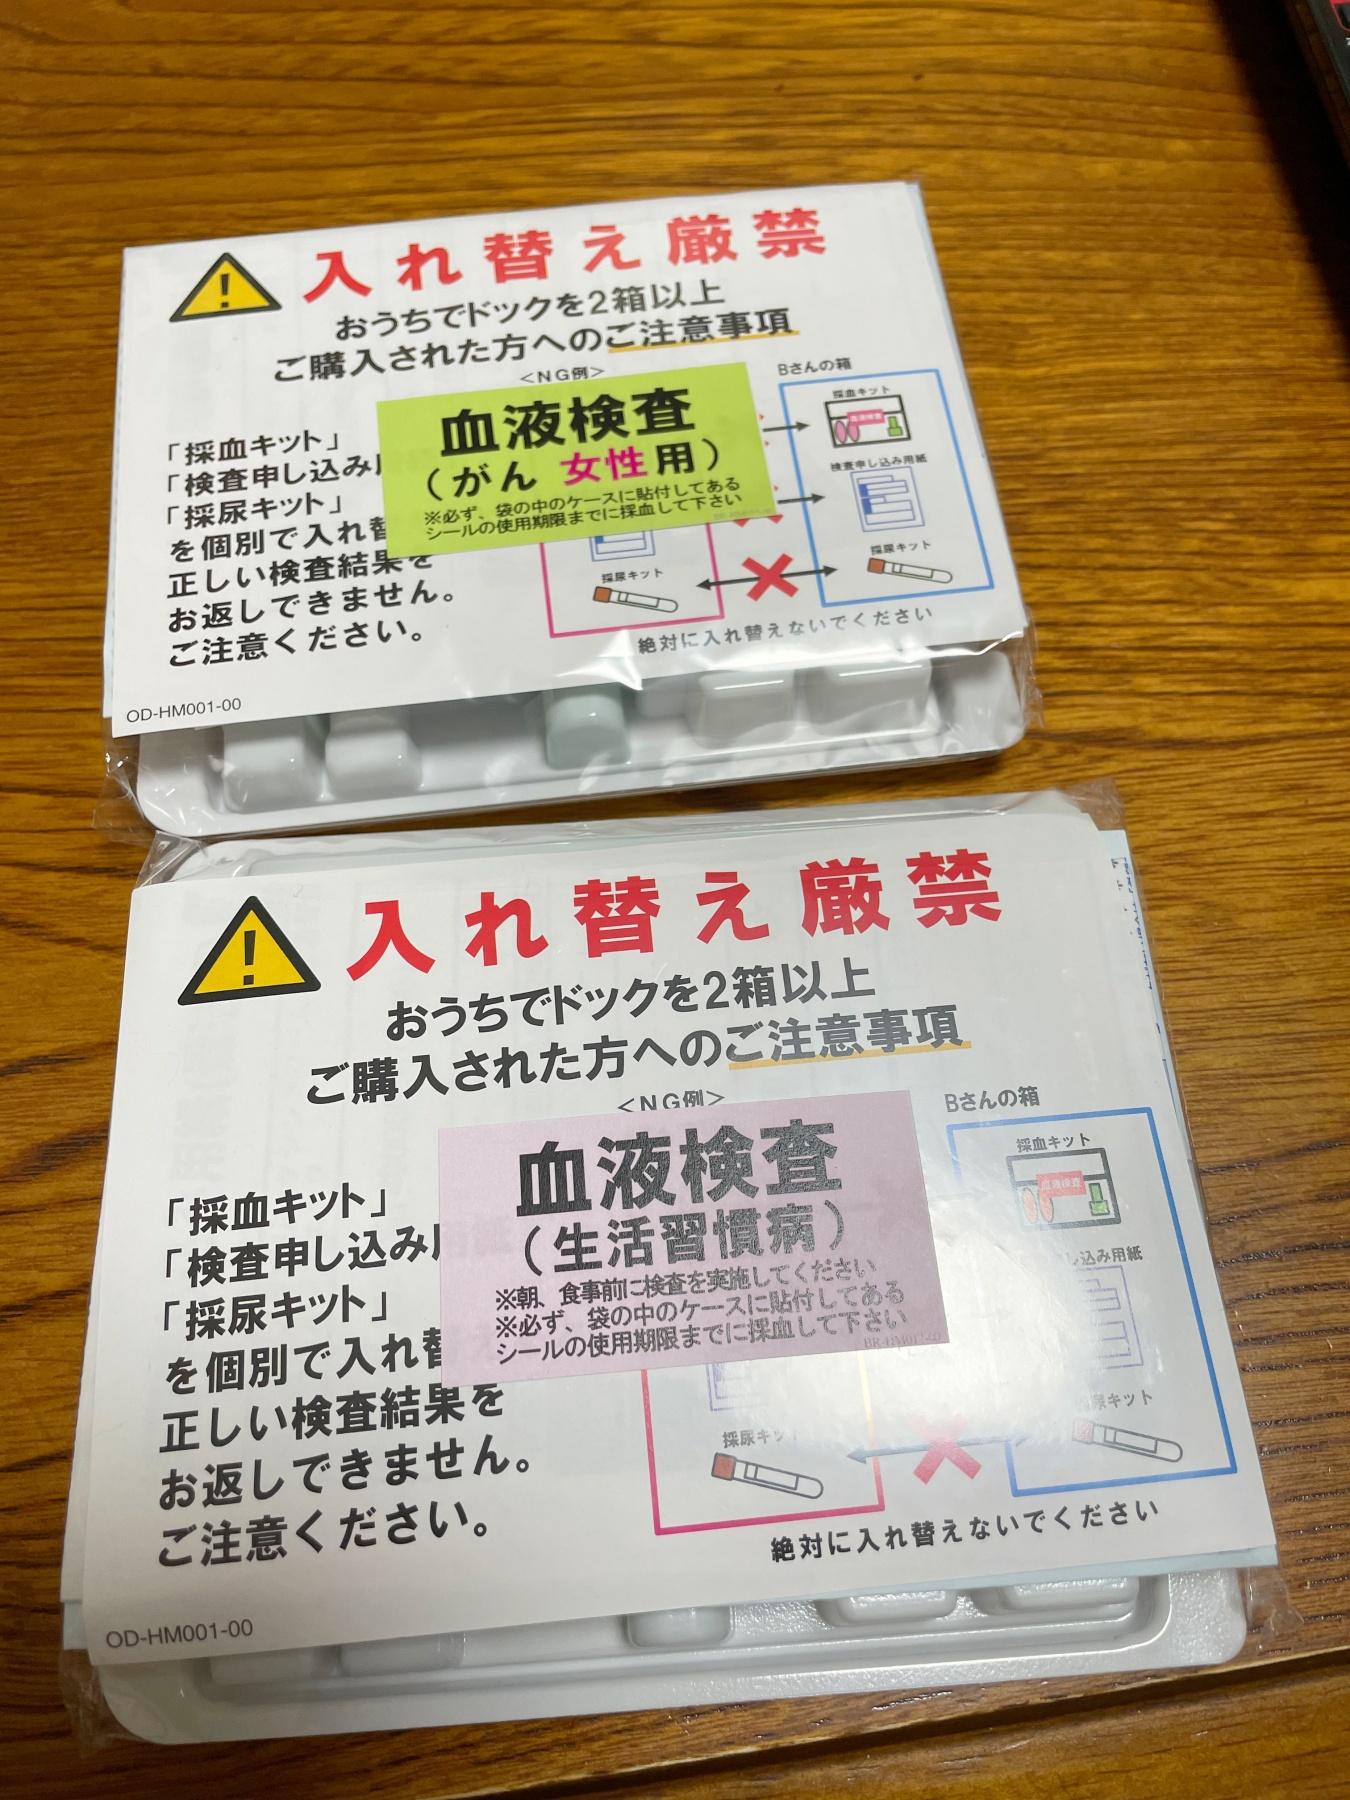 1CD3475F-AB6C-4F39-8BF6-0879943C9B65